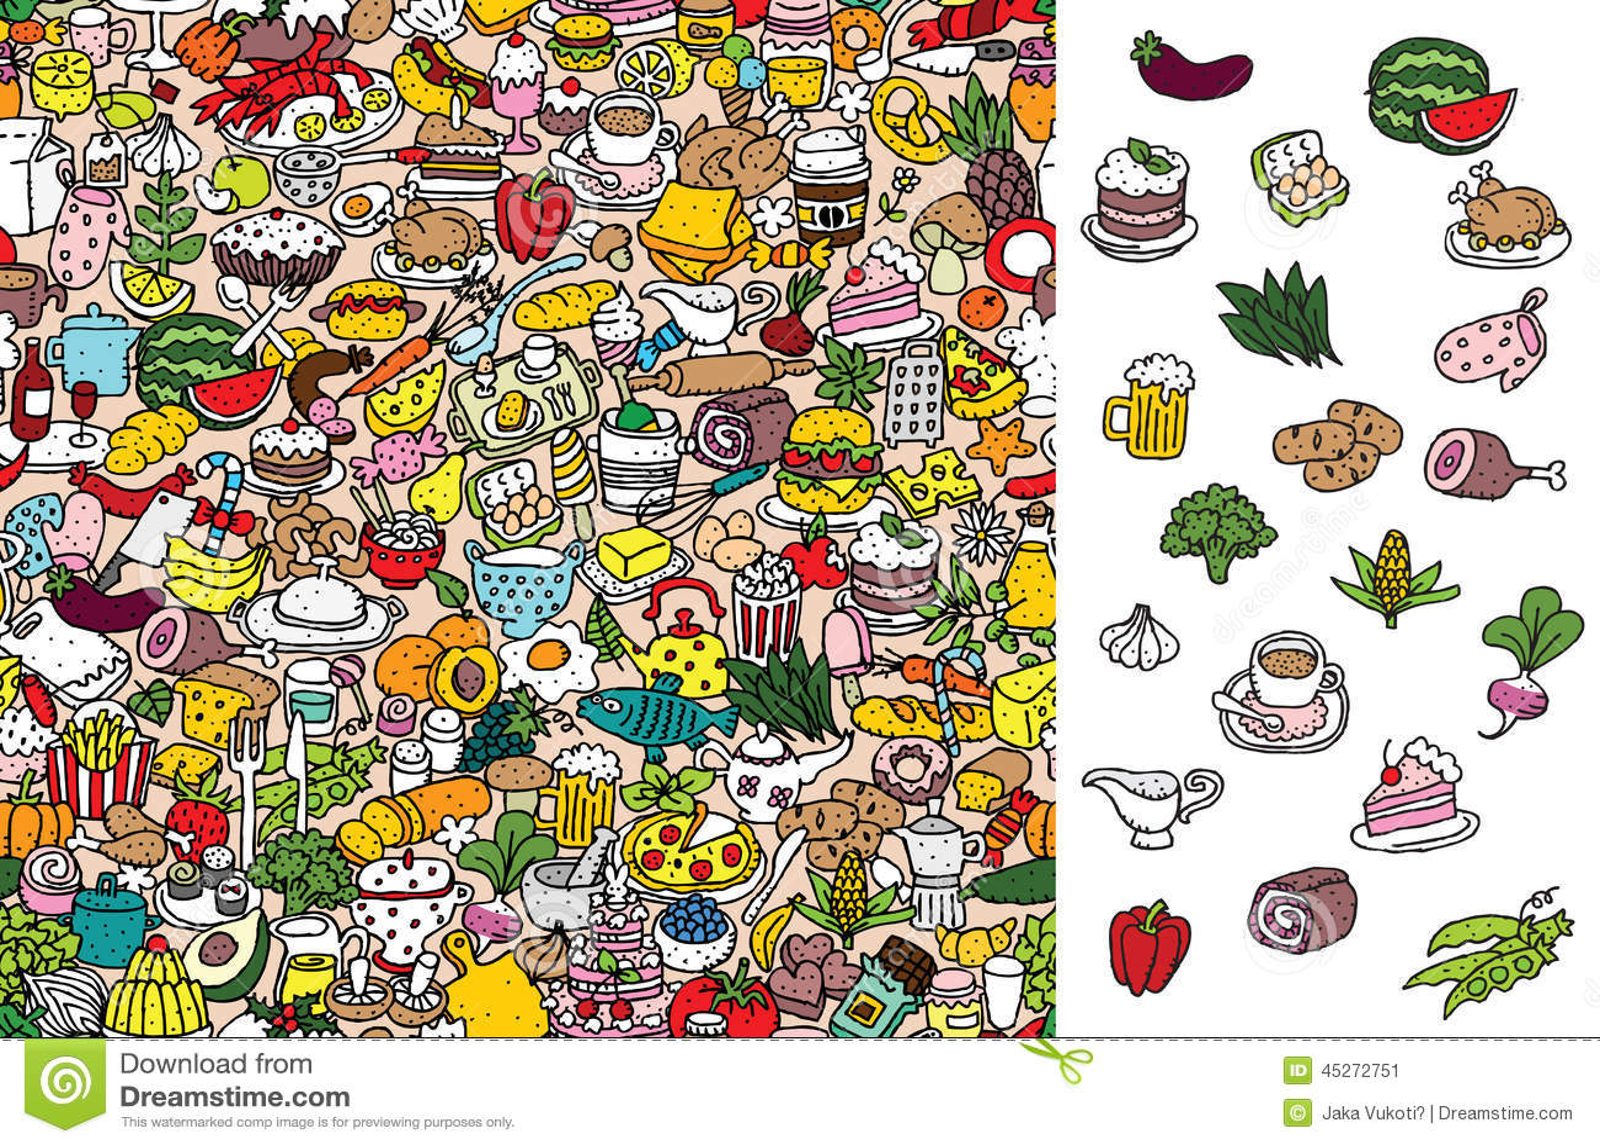 发现食物,视觉比赛 在暗藏的层数的解答!